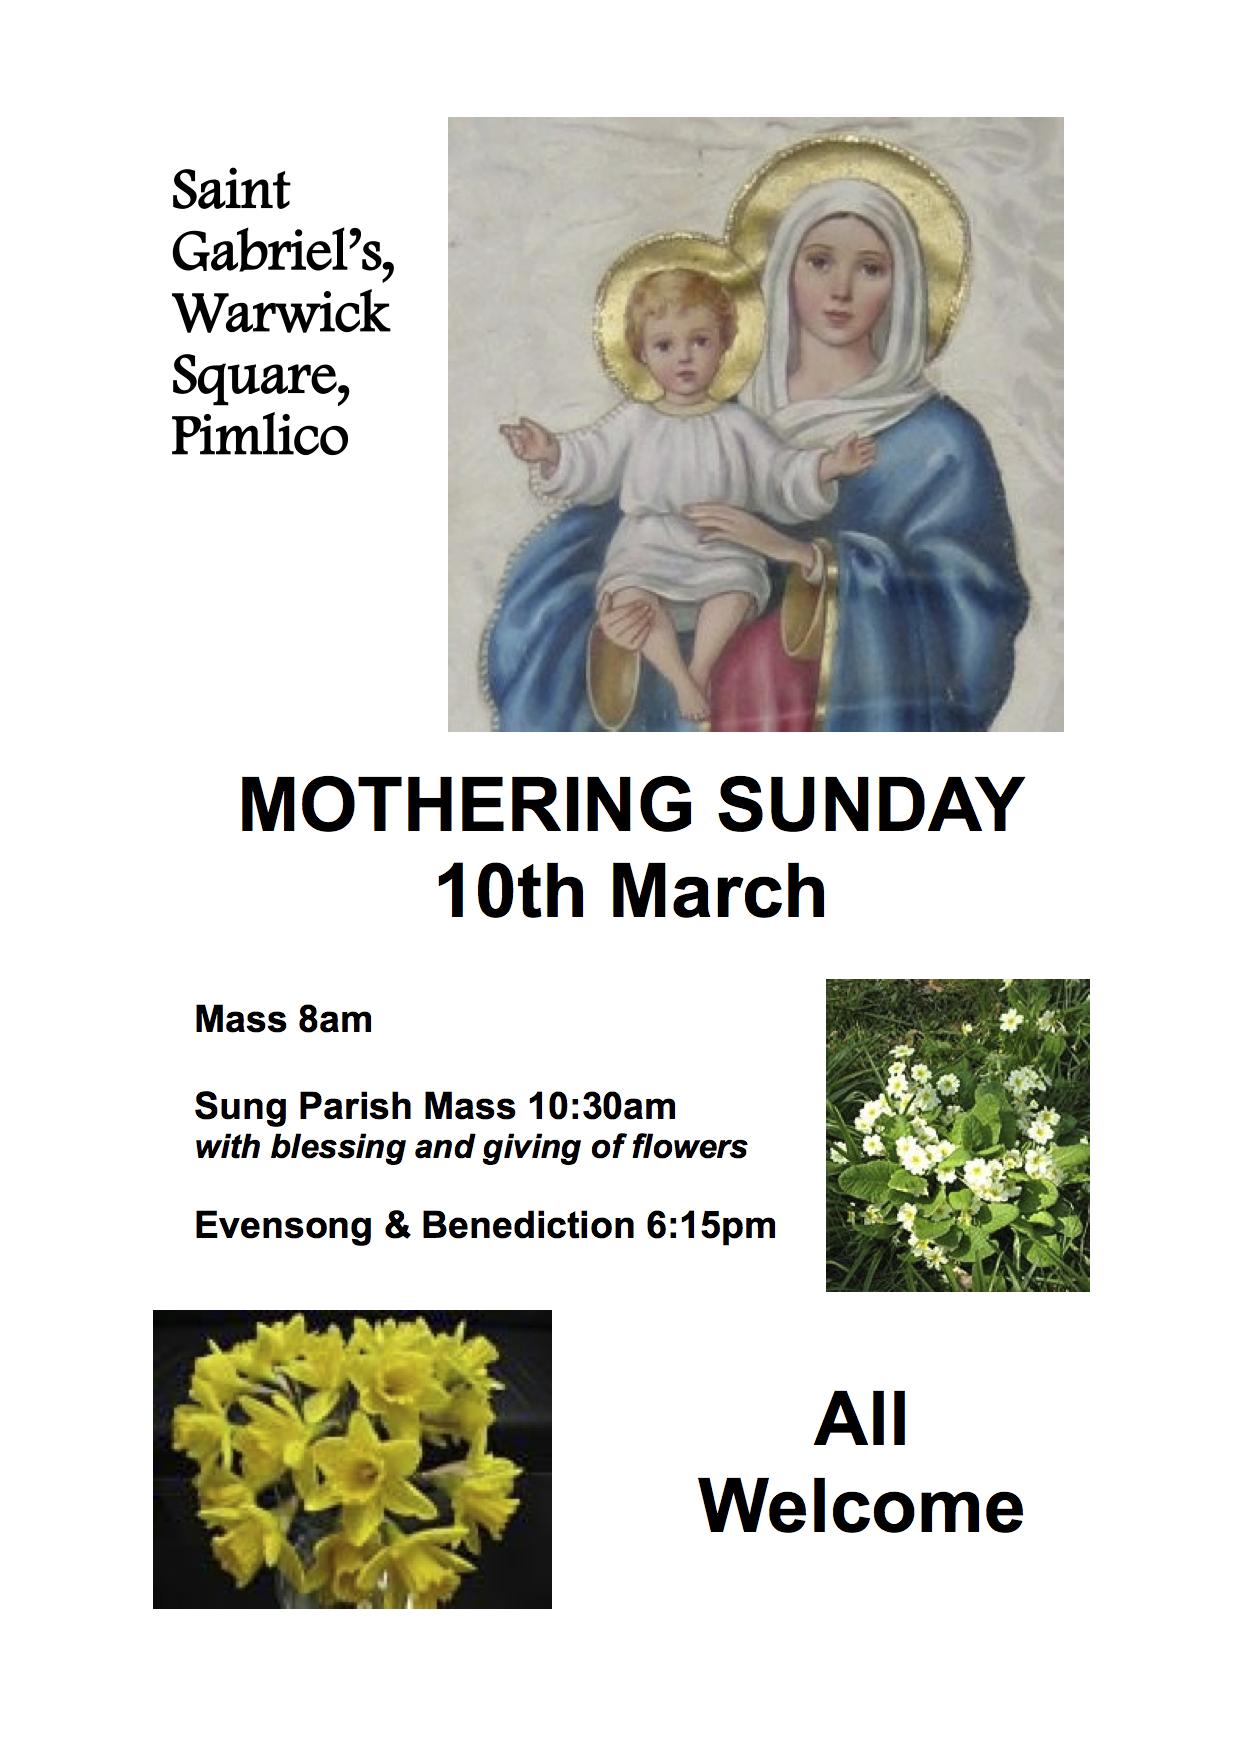 Mothering Sunday 2013 image